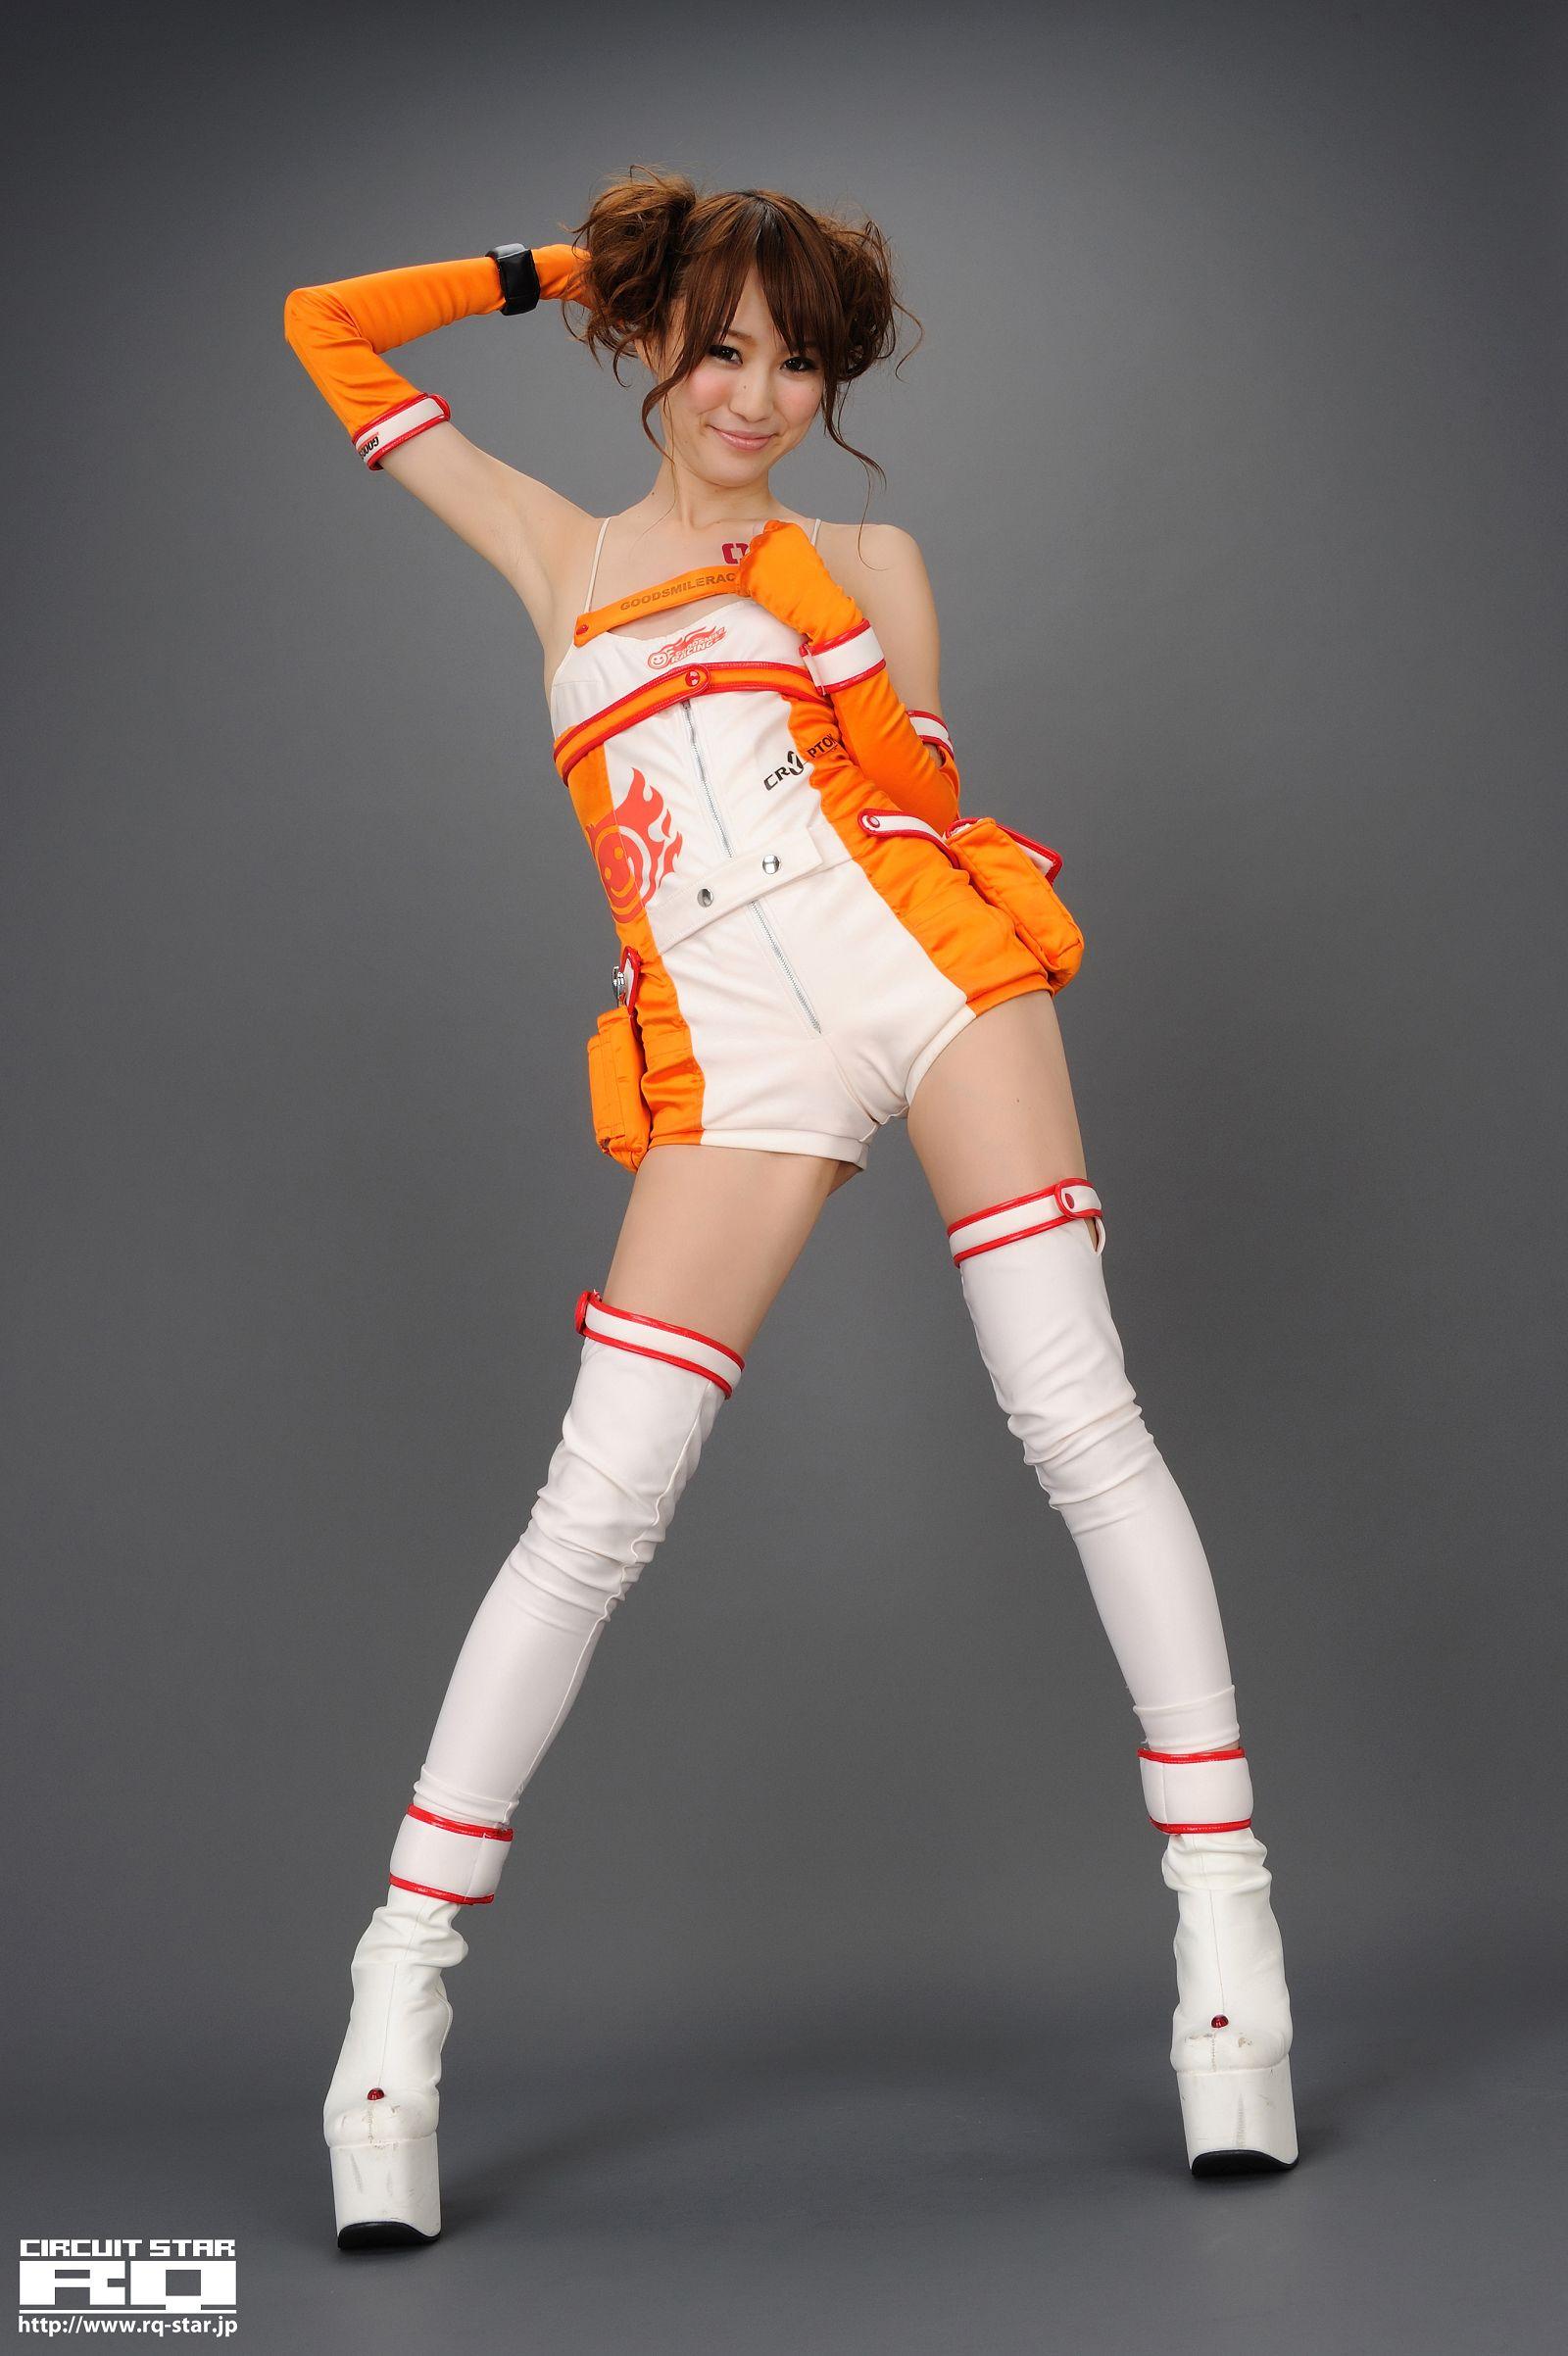 [RQ STAR美女] NO.01113 Shihomi Ogoshi 小越しほみ Race Queen[62P] RQ STAR 第4张